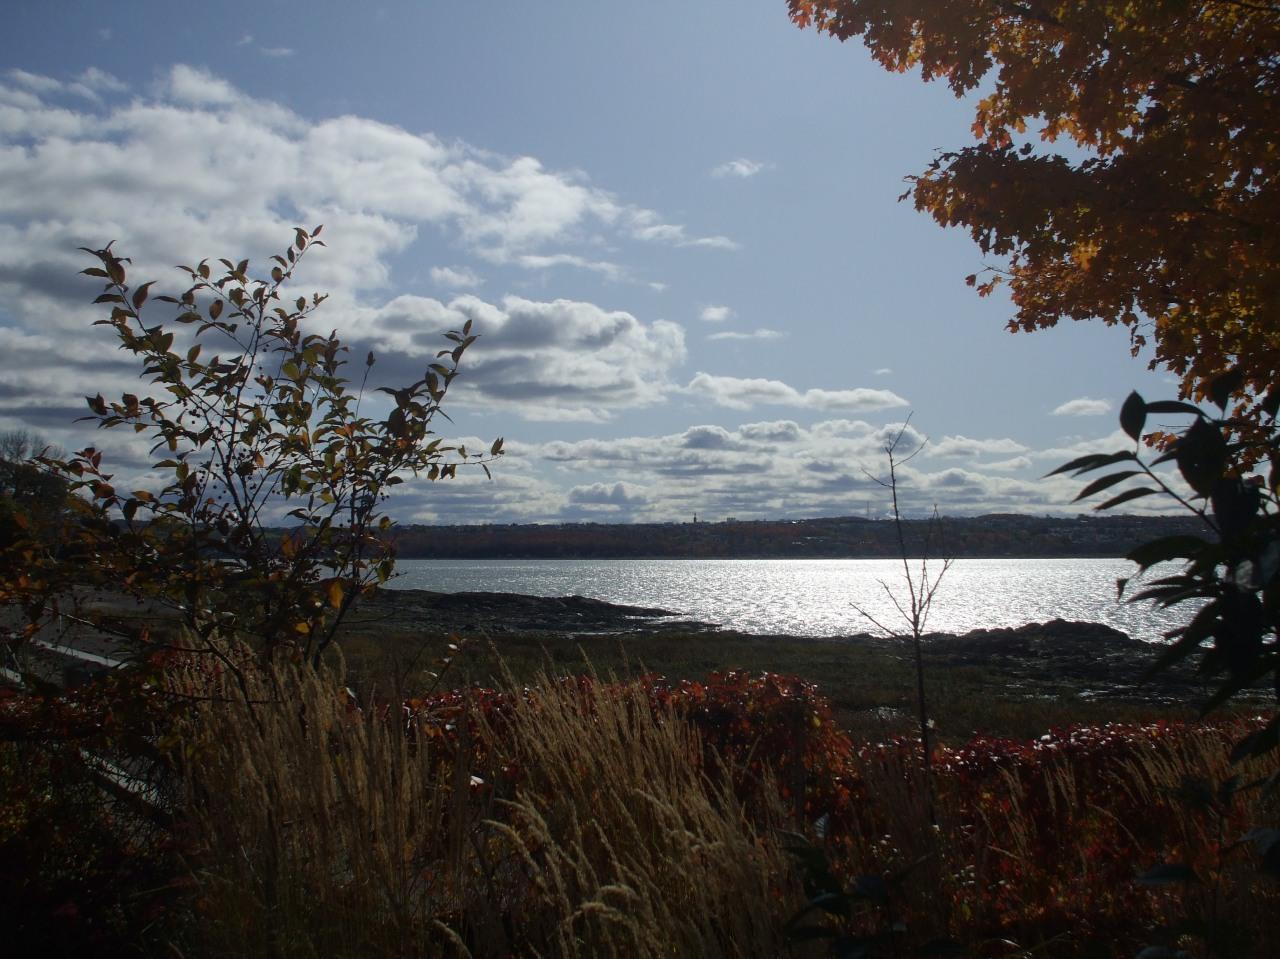 City Scenes: Quebec andMontreal